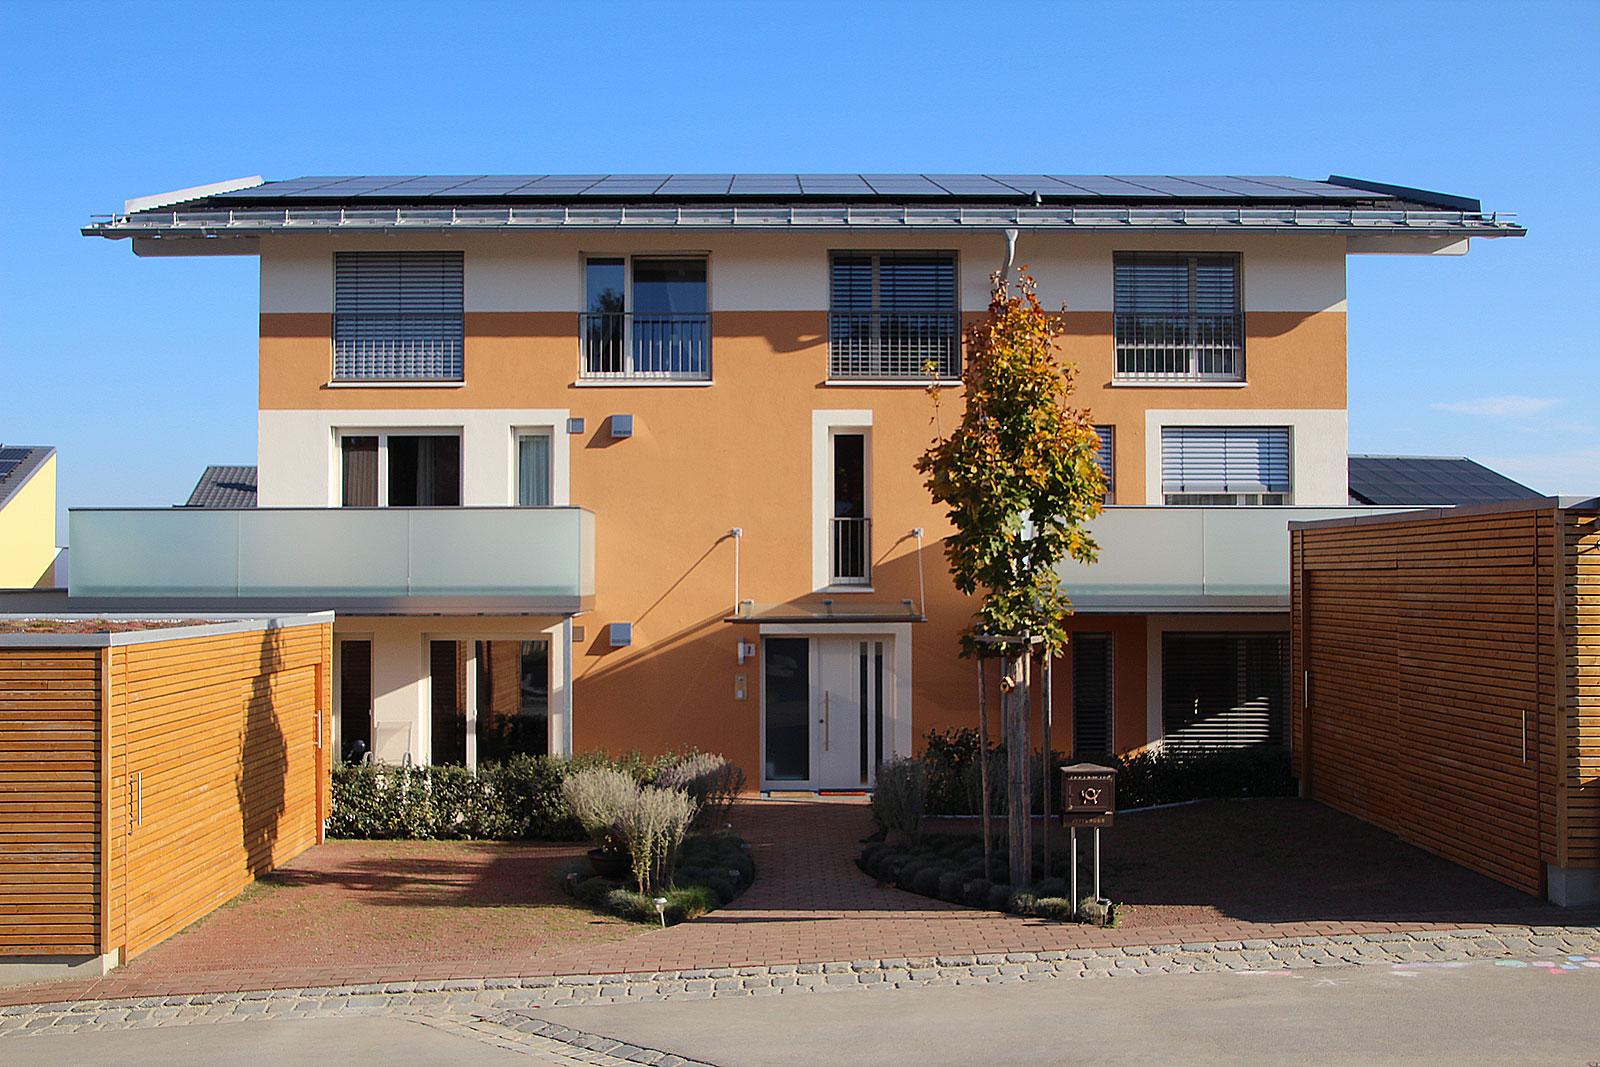 Wohngebäude Pfaffenhofen, LPh 1-8